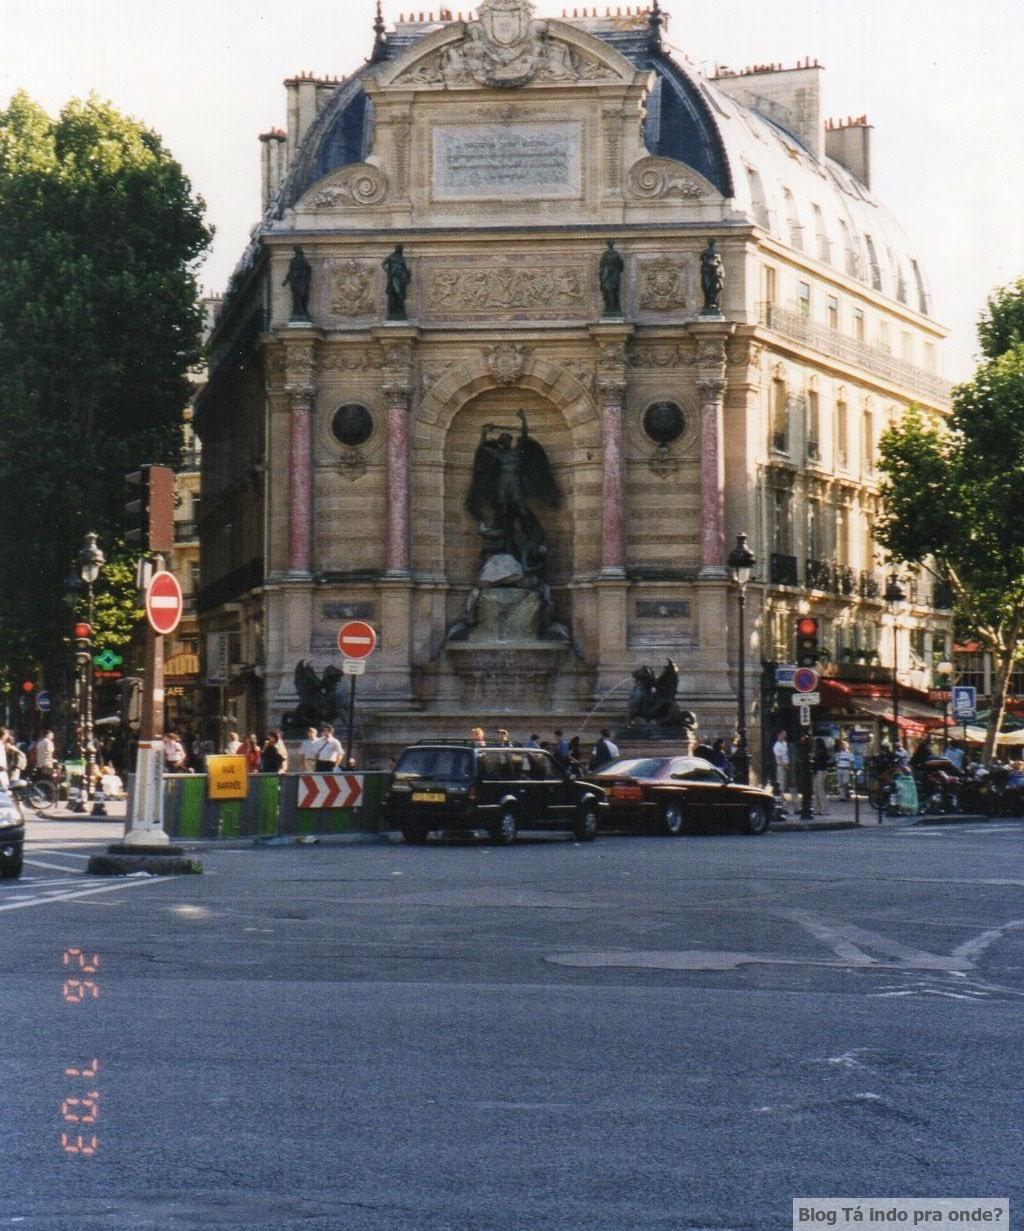 passeando por Paris - Rive Gauche